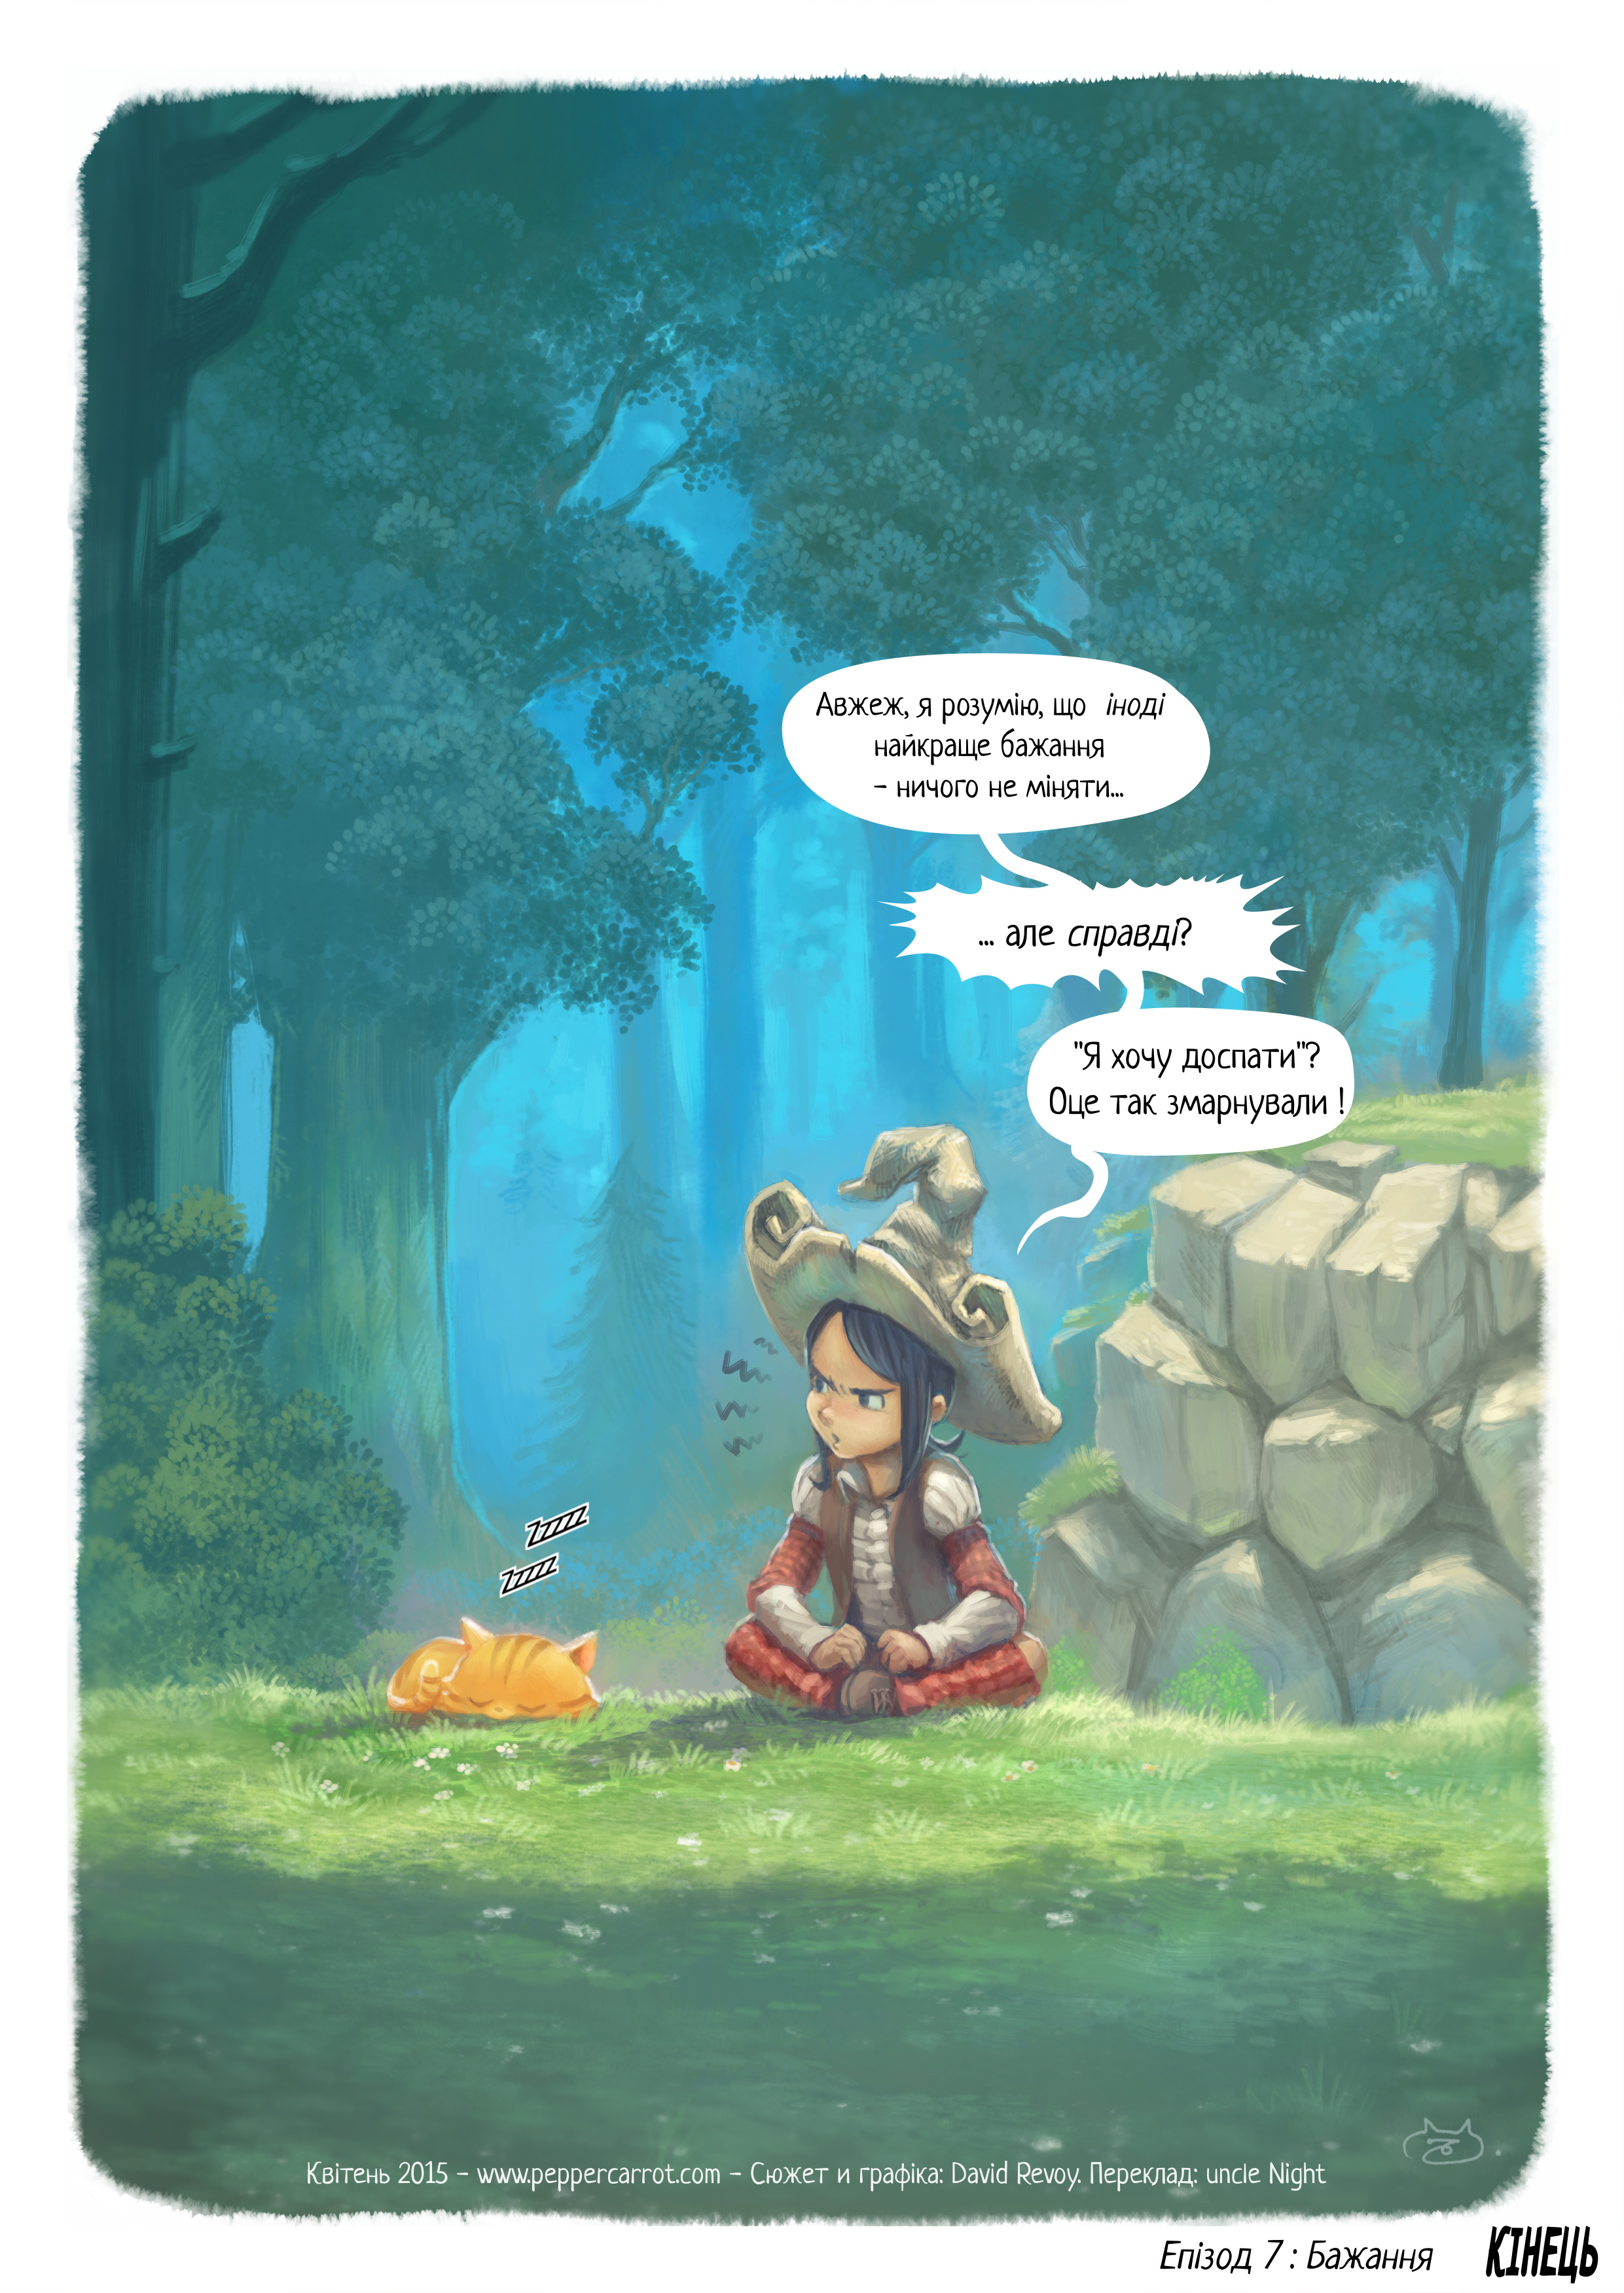 Епізод 7: Бажання, Page 5